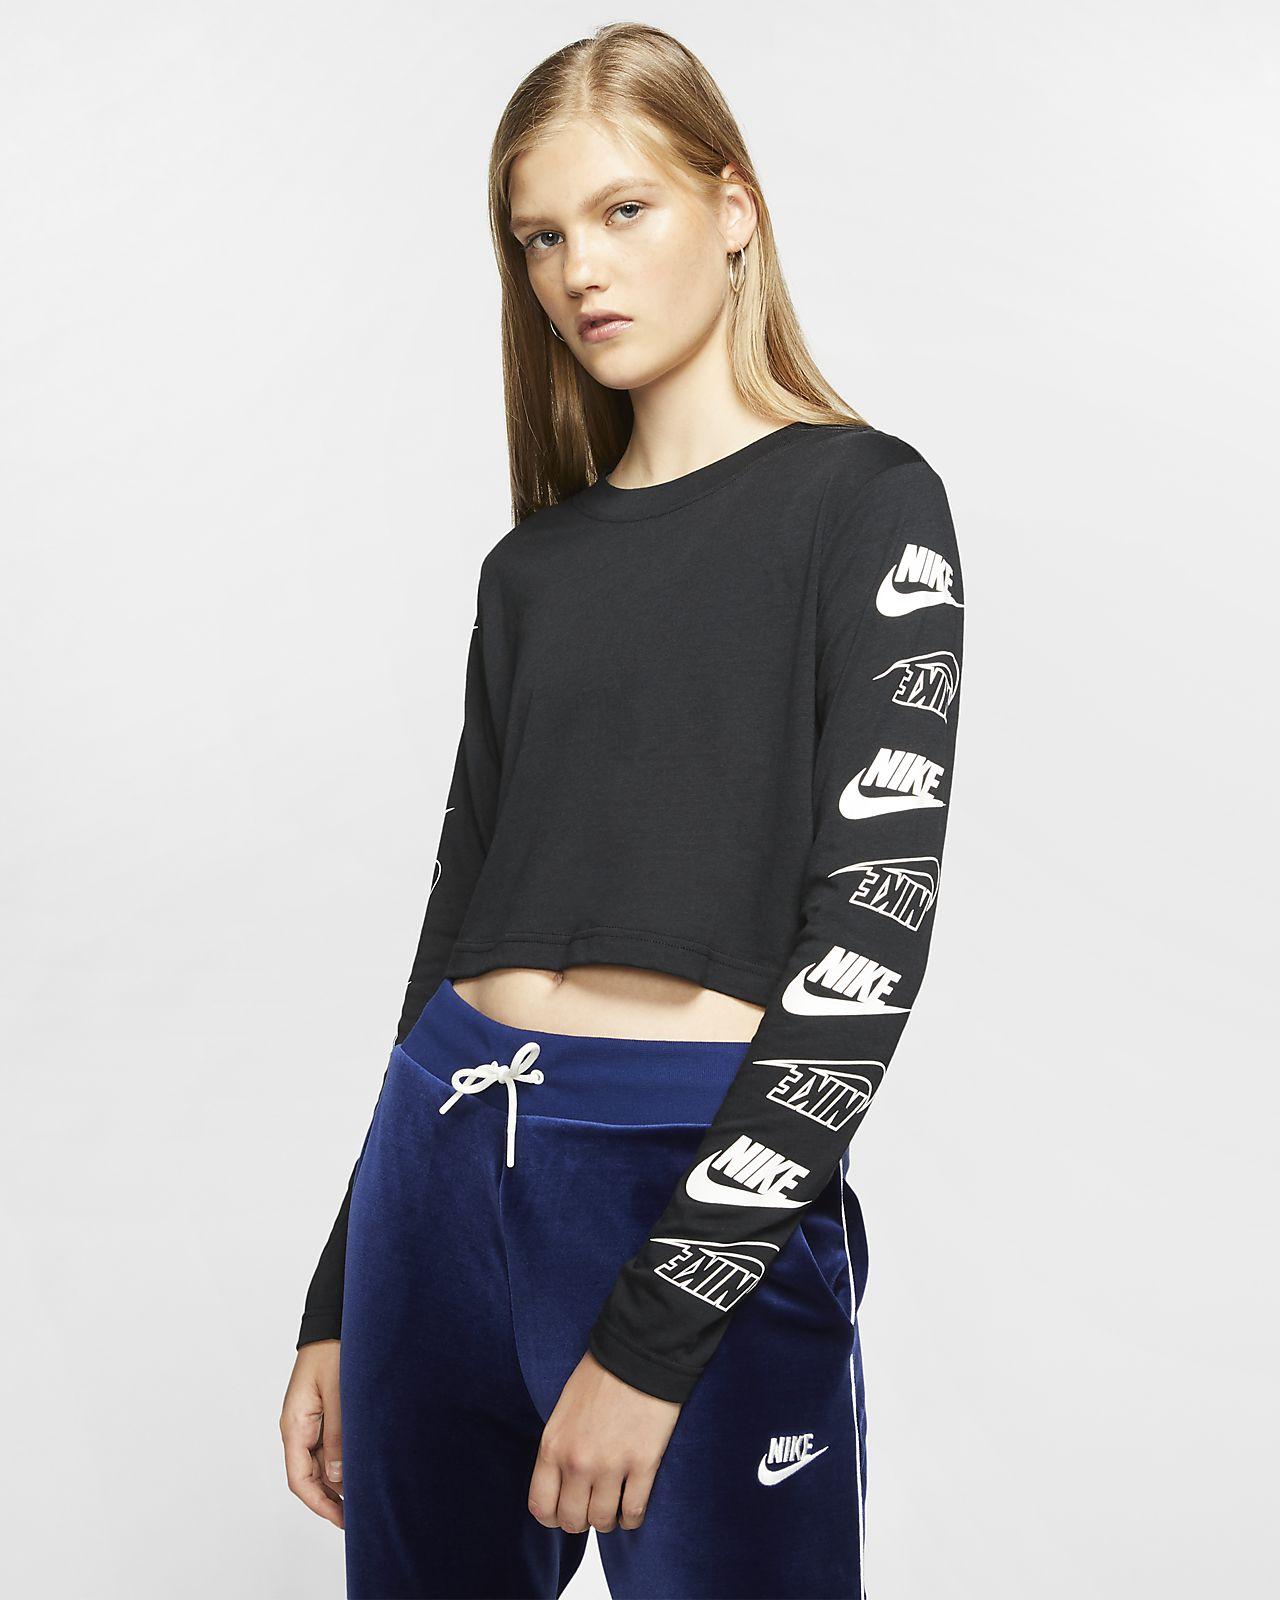 Nike Sportswear hosszú ujjú női póló